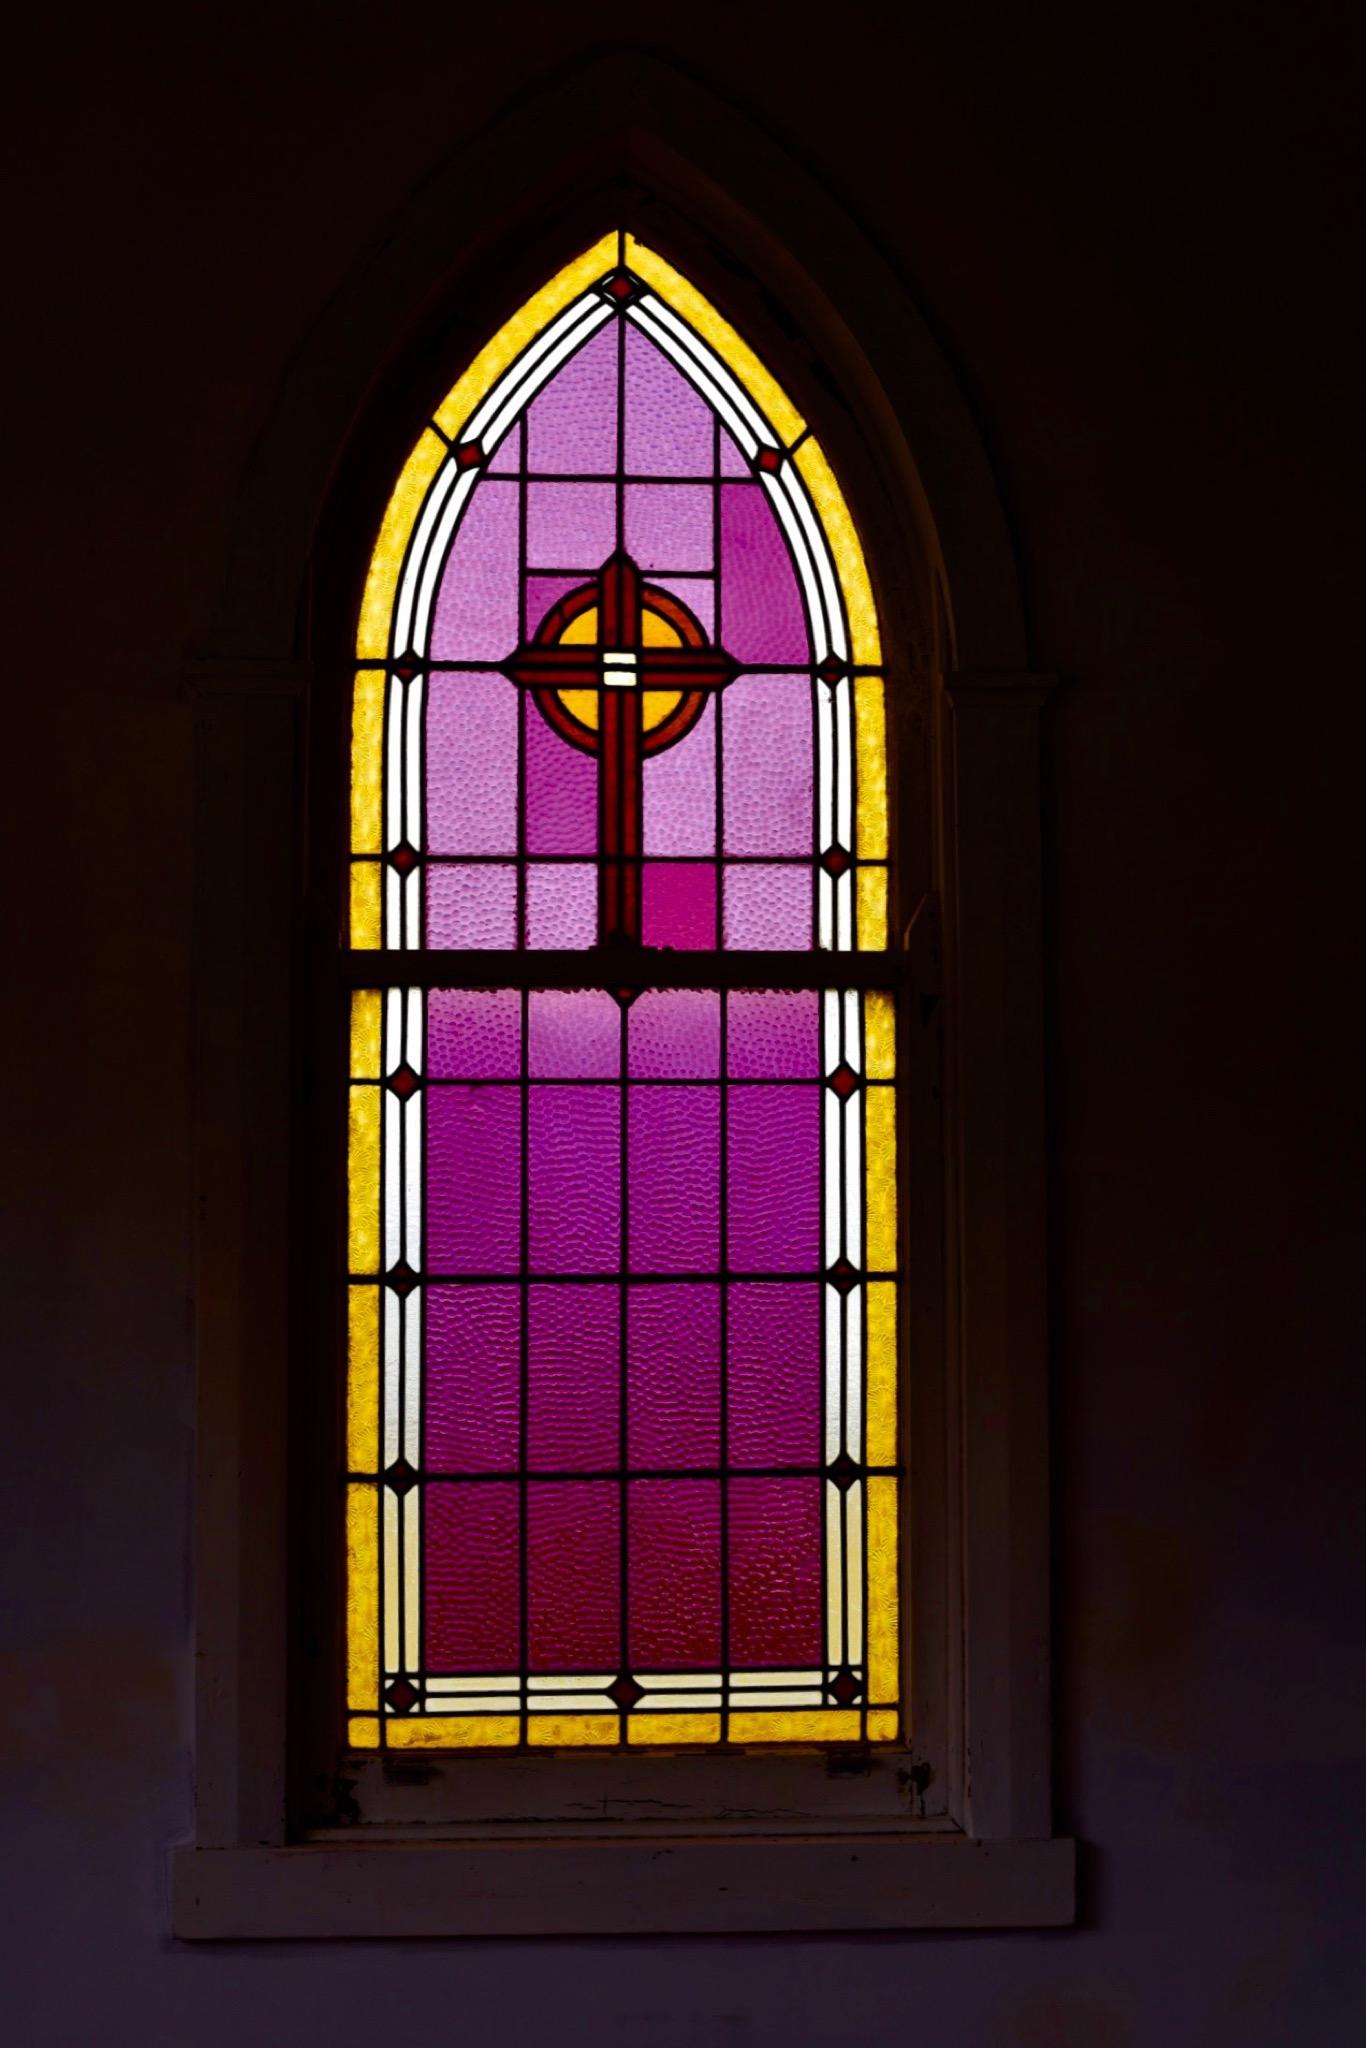 Seacroft-Chapel-Window